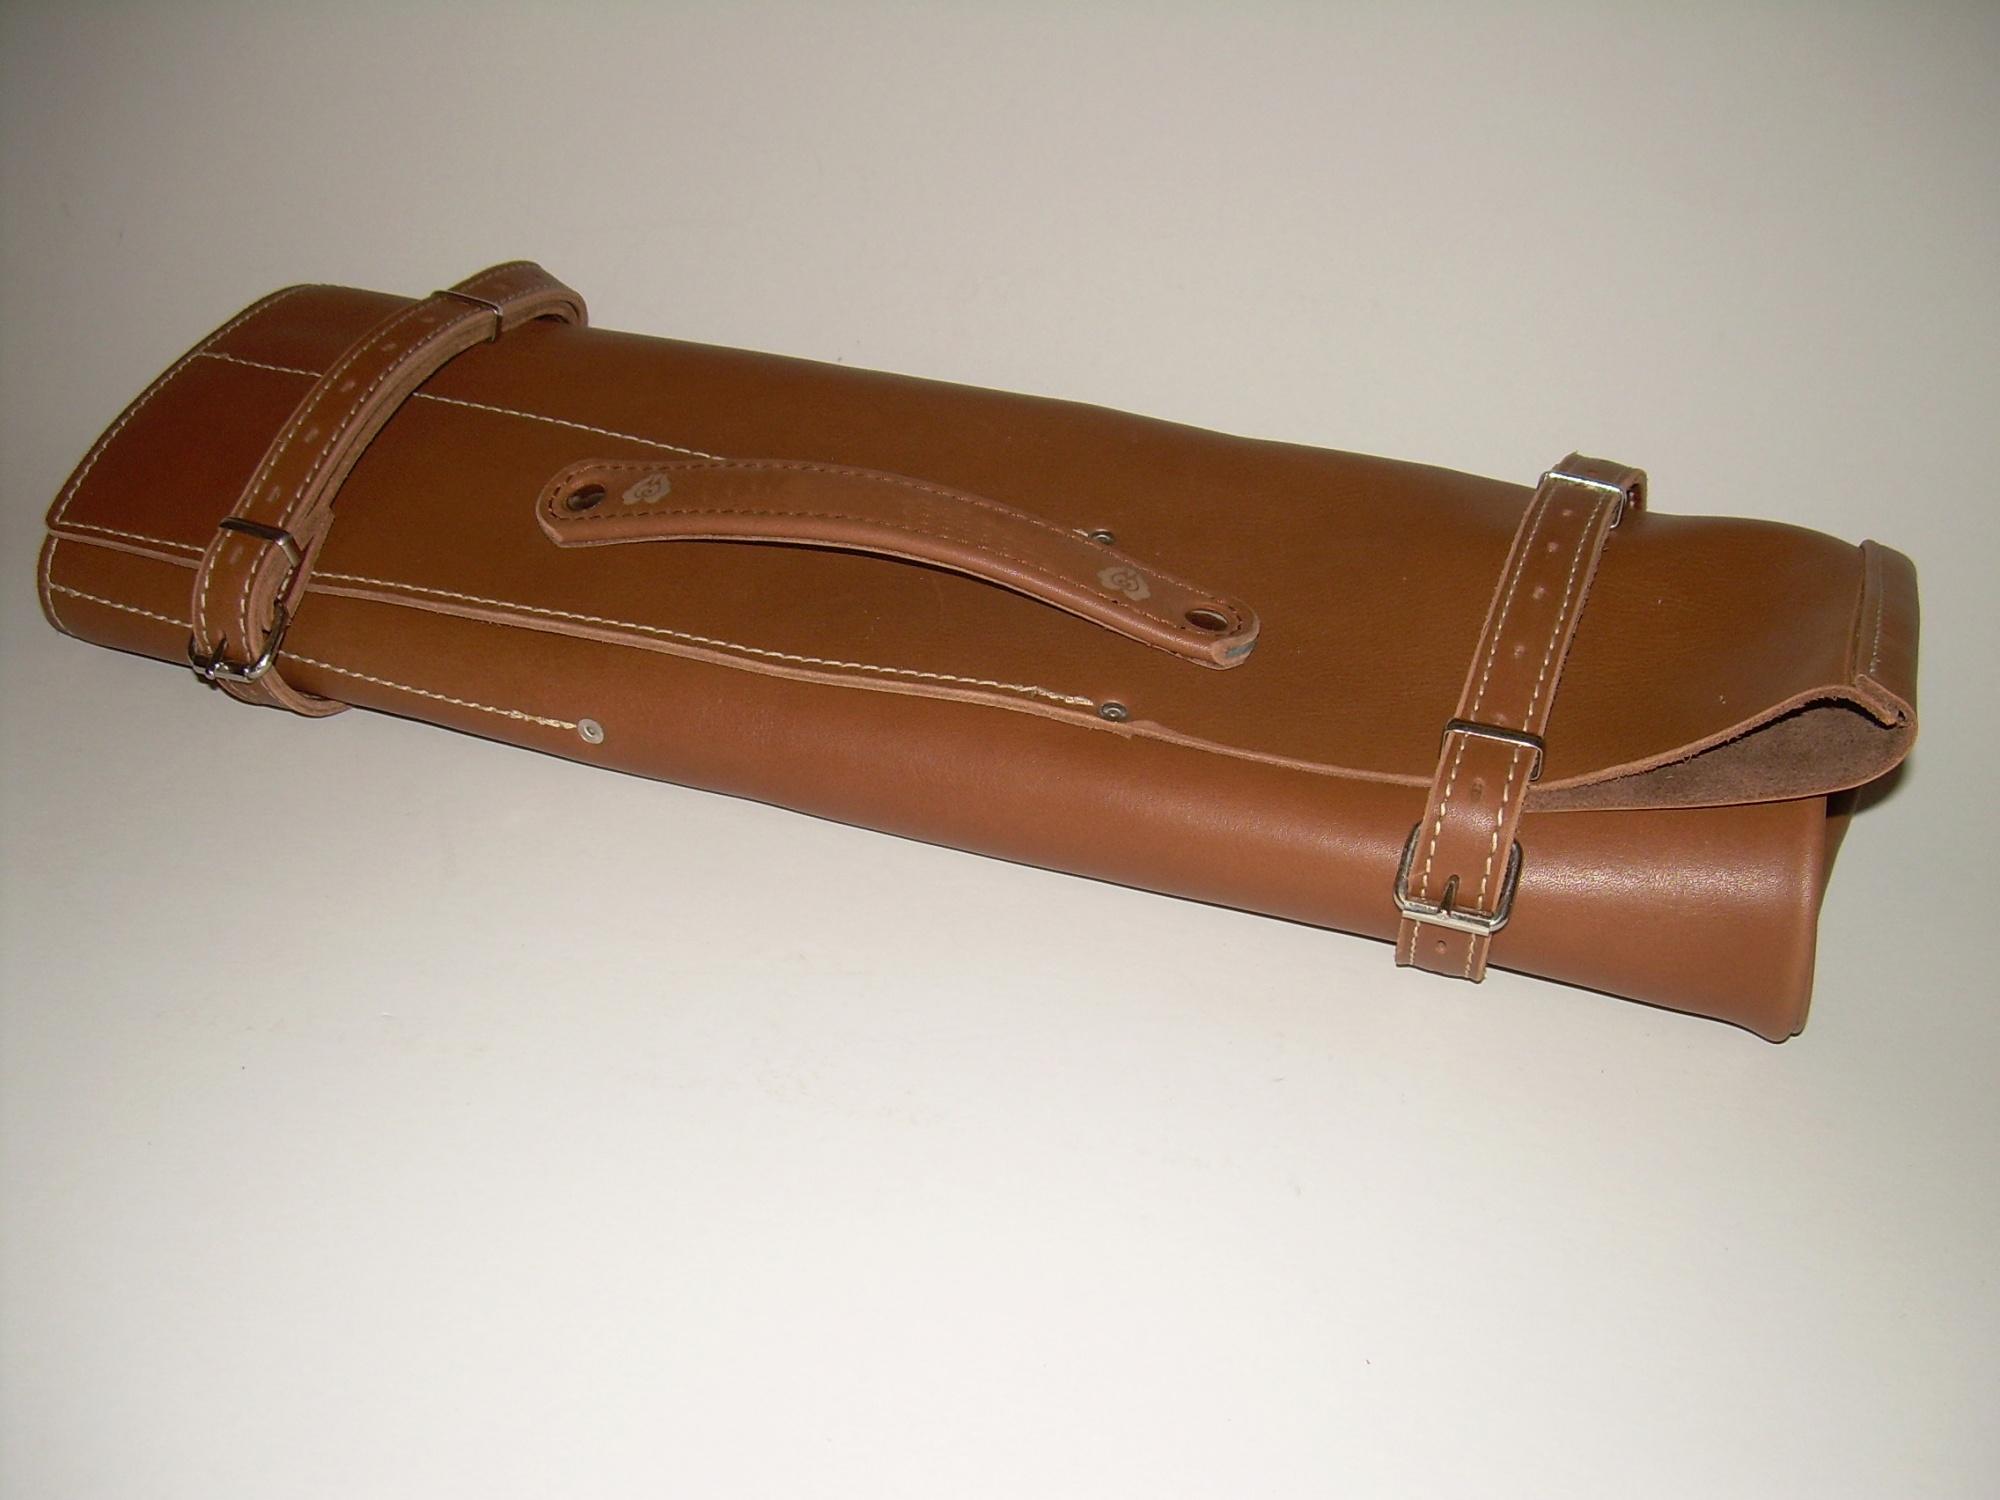 Puha bőrből készült 12 fakkos késtok + fogantyú + gravírozás ... 5e22715959